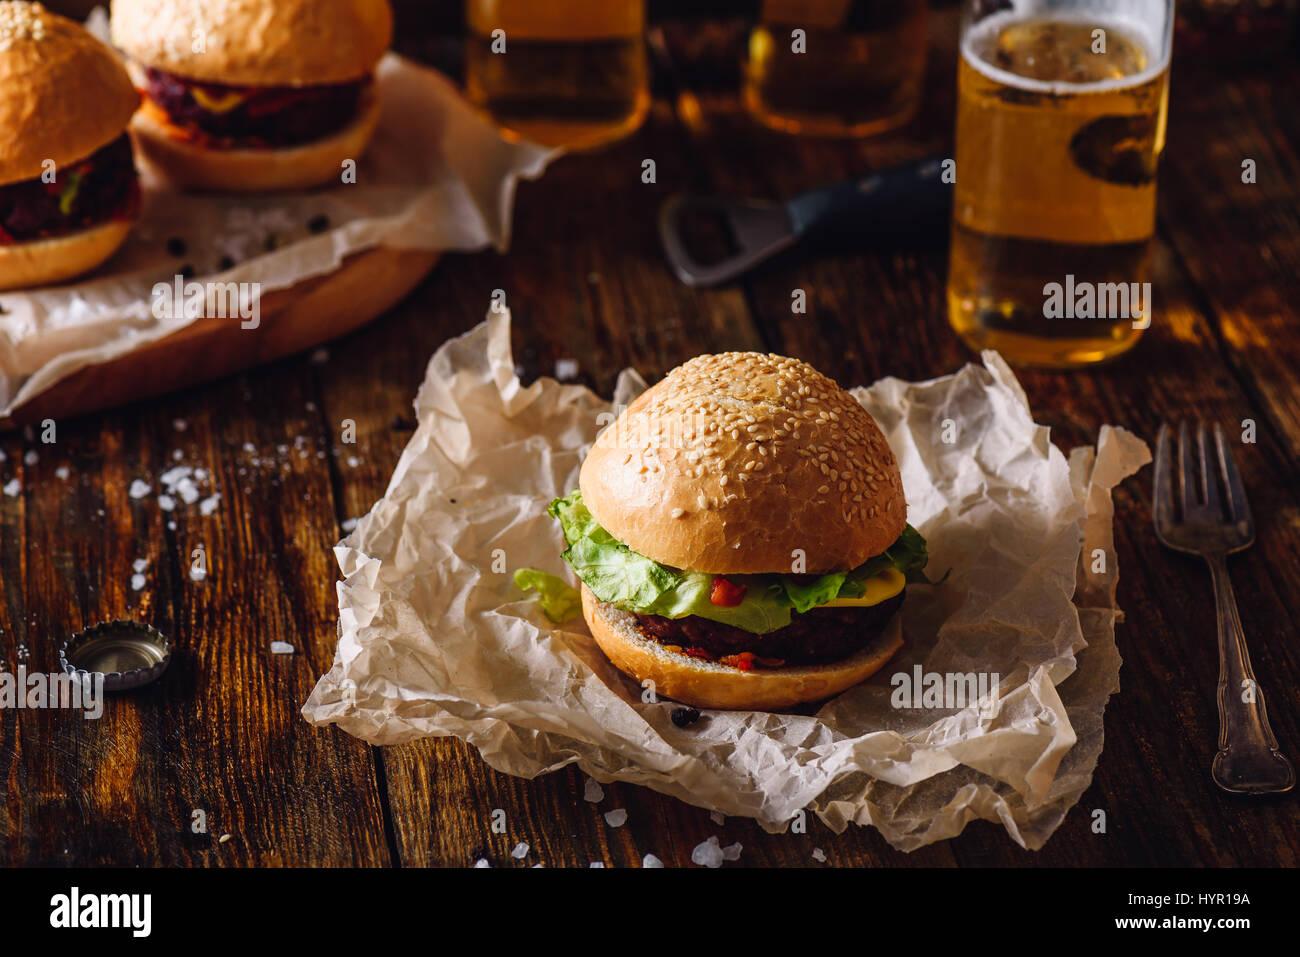 Hausgemachte Burger mit Bier. Stockbild